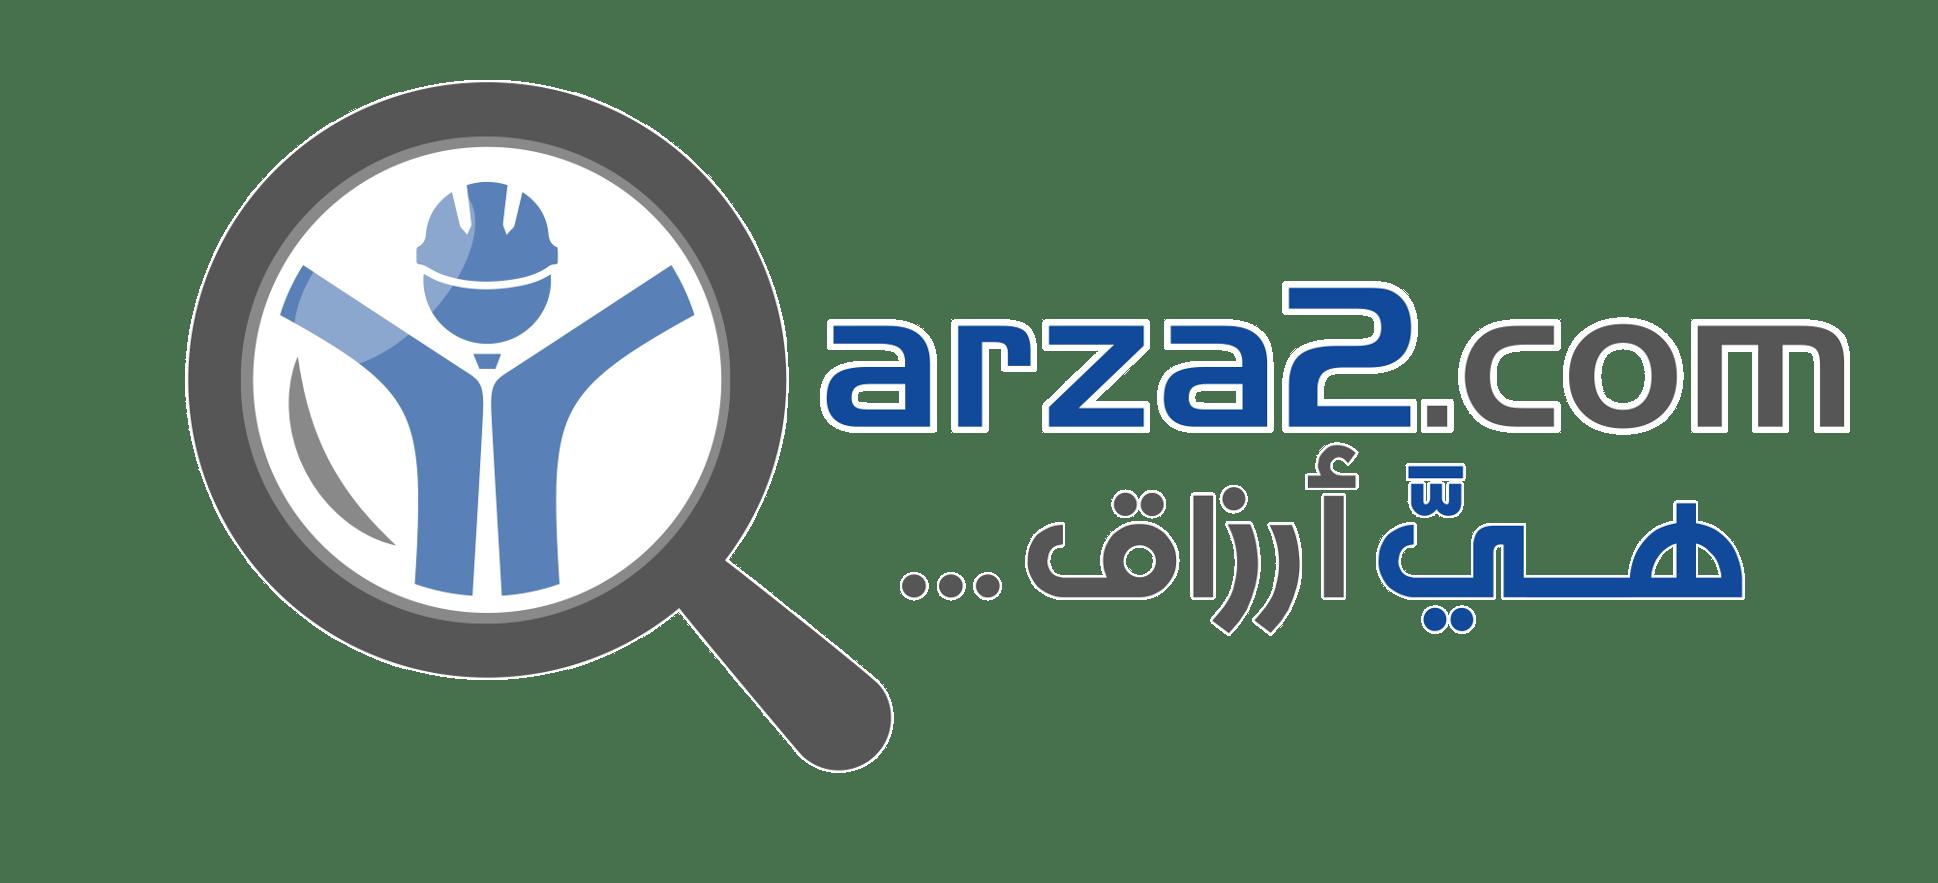 Arza2 company logo